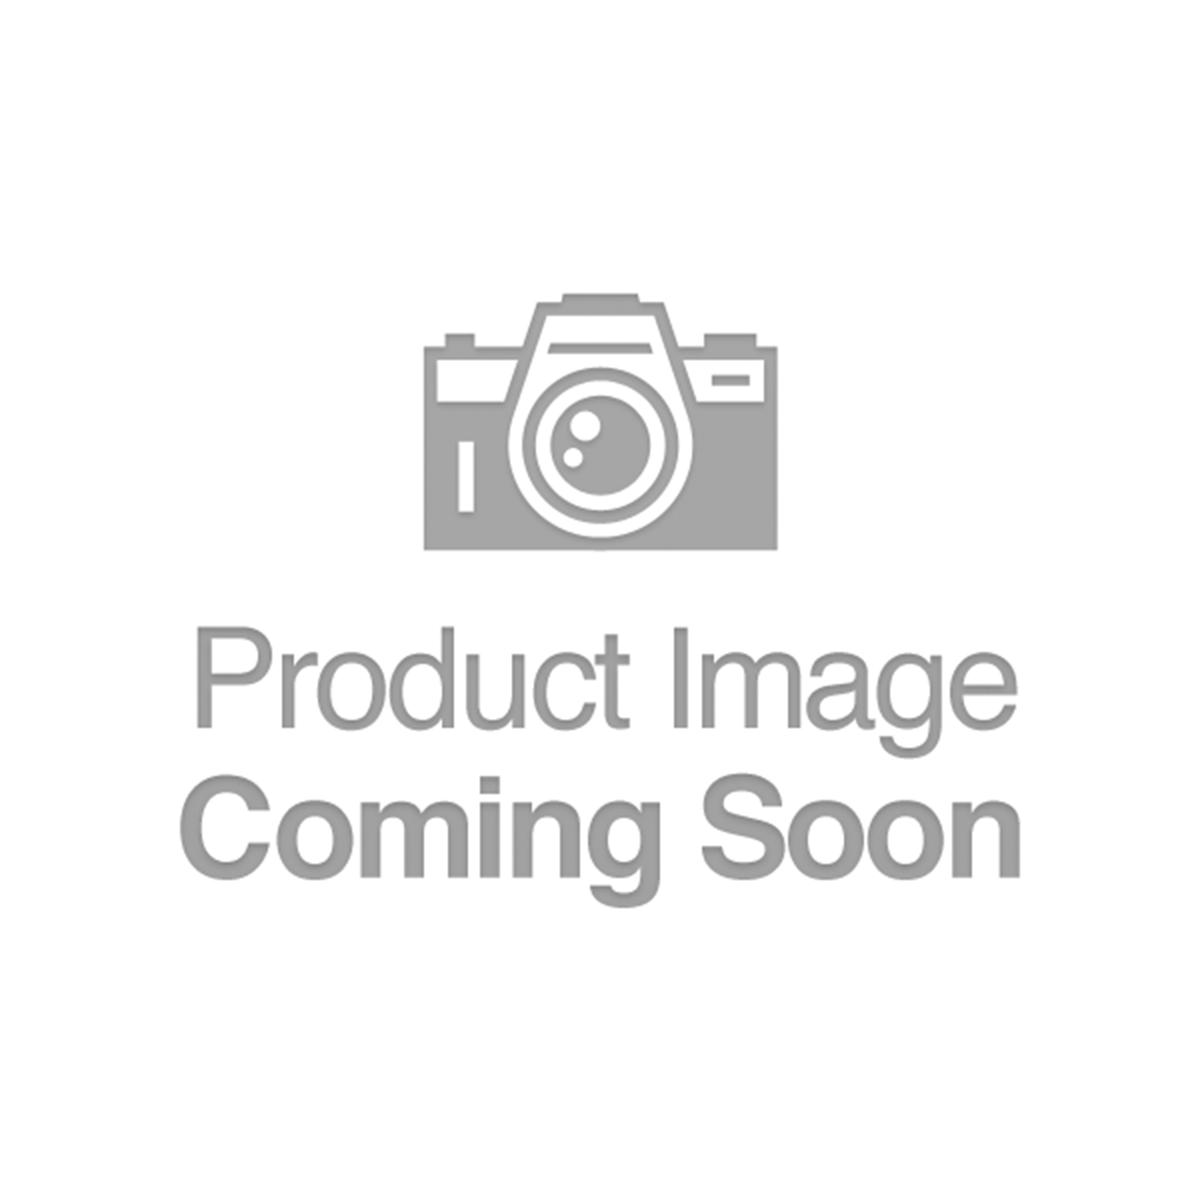 Alameda - California - CH 10150 - FR 620 - VG